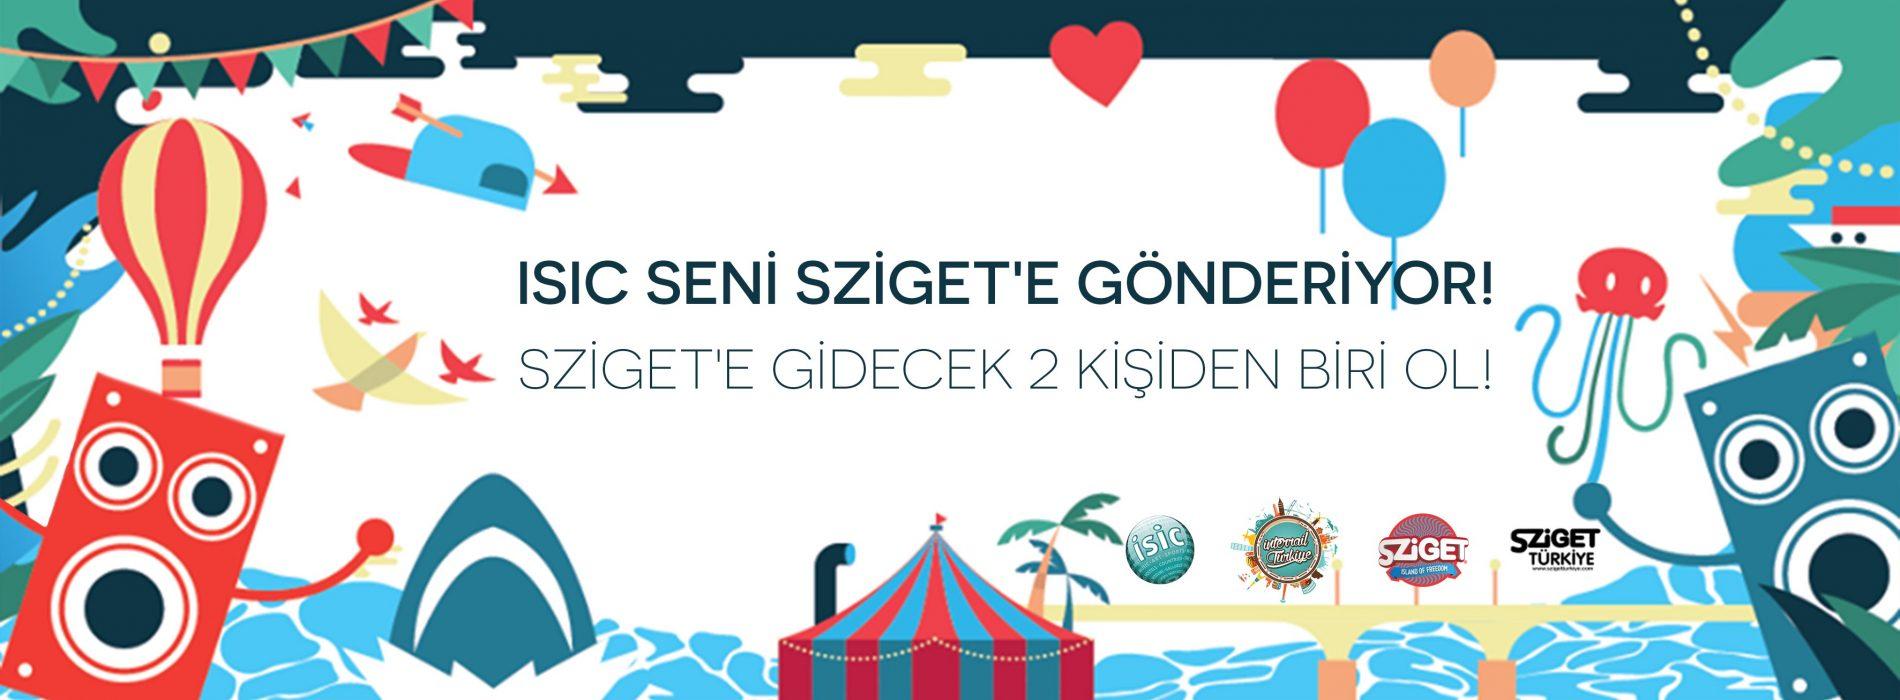 InterRail Turkiye Sziget Festivaline Yolluyor | Yarışma